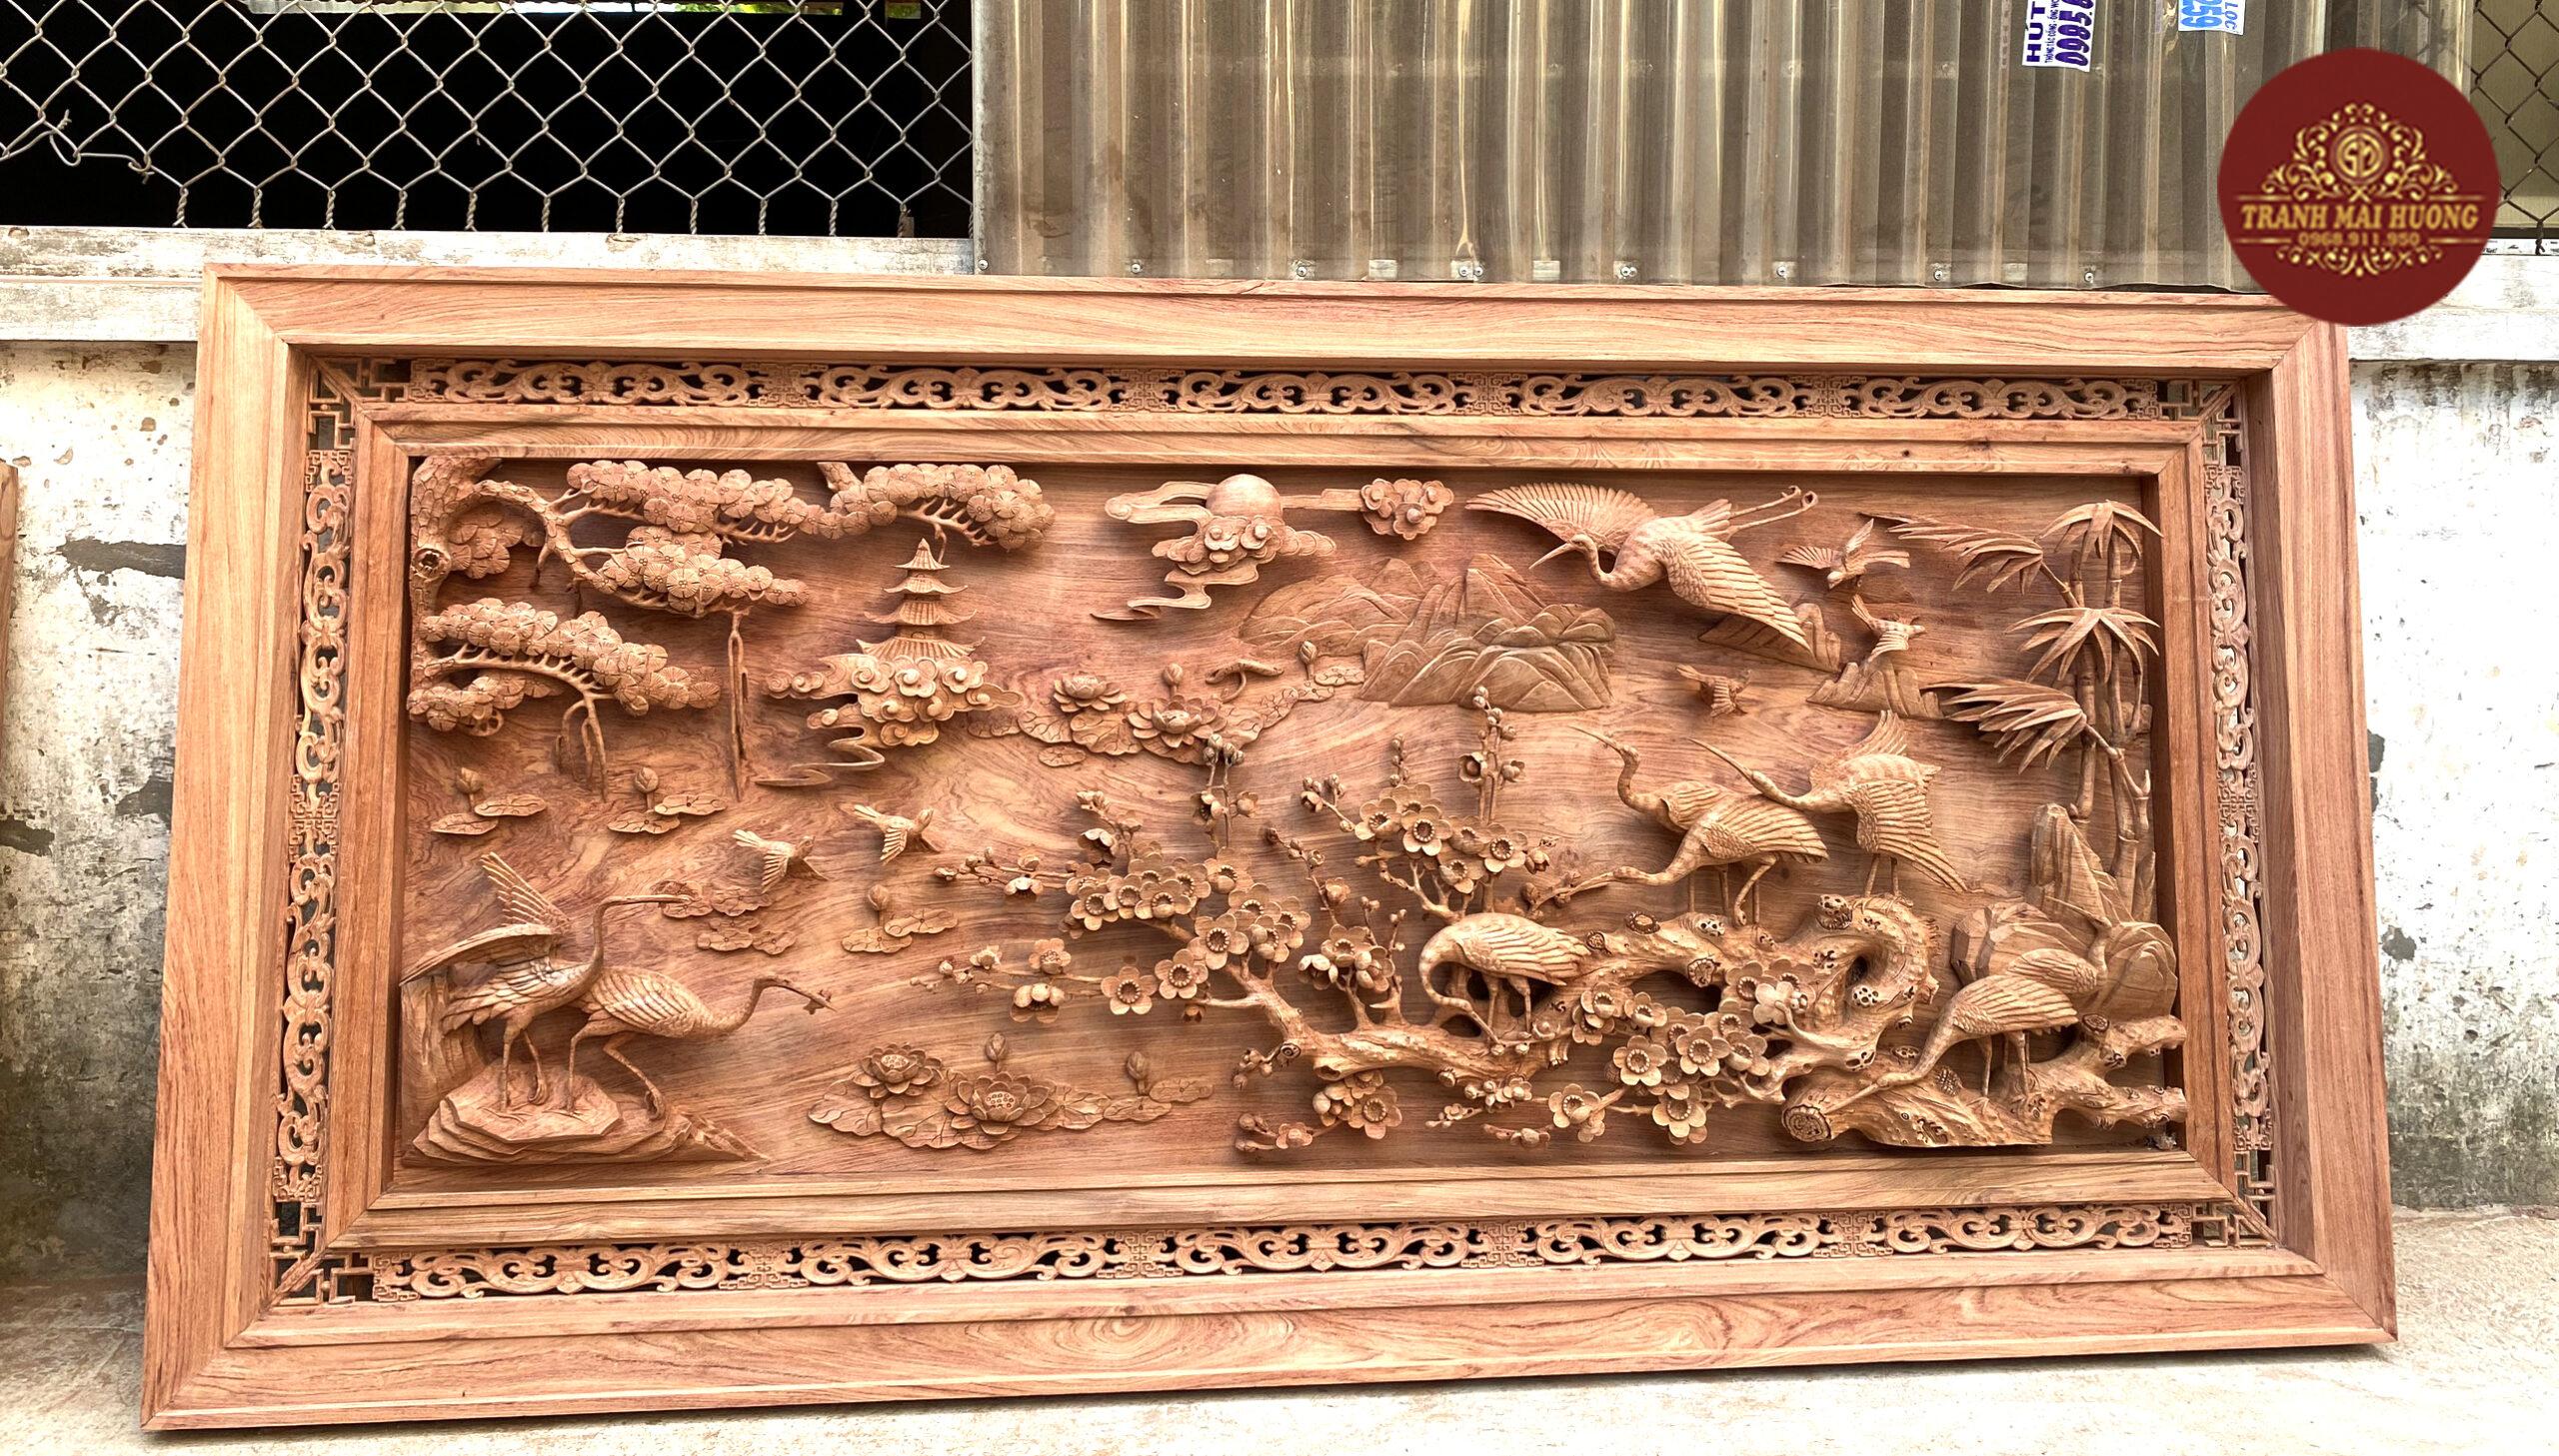 Tranh gỗ cửu hạc du xuân đục kênh bong dày 12cm